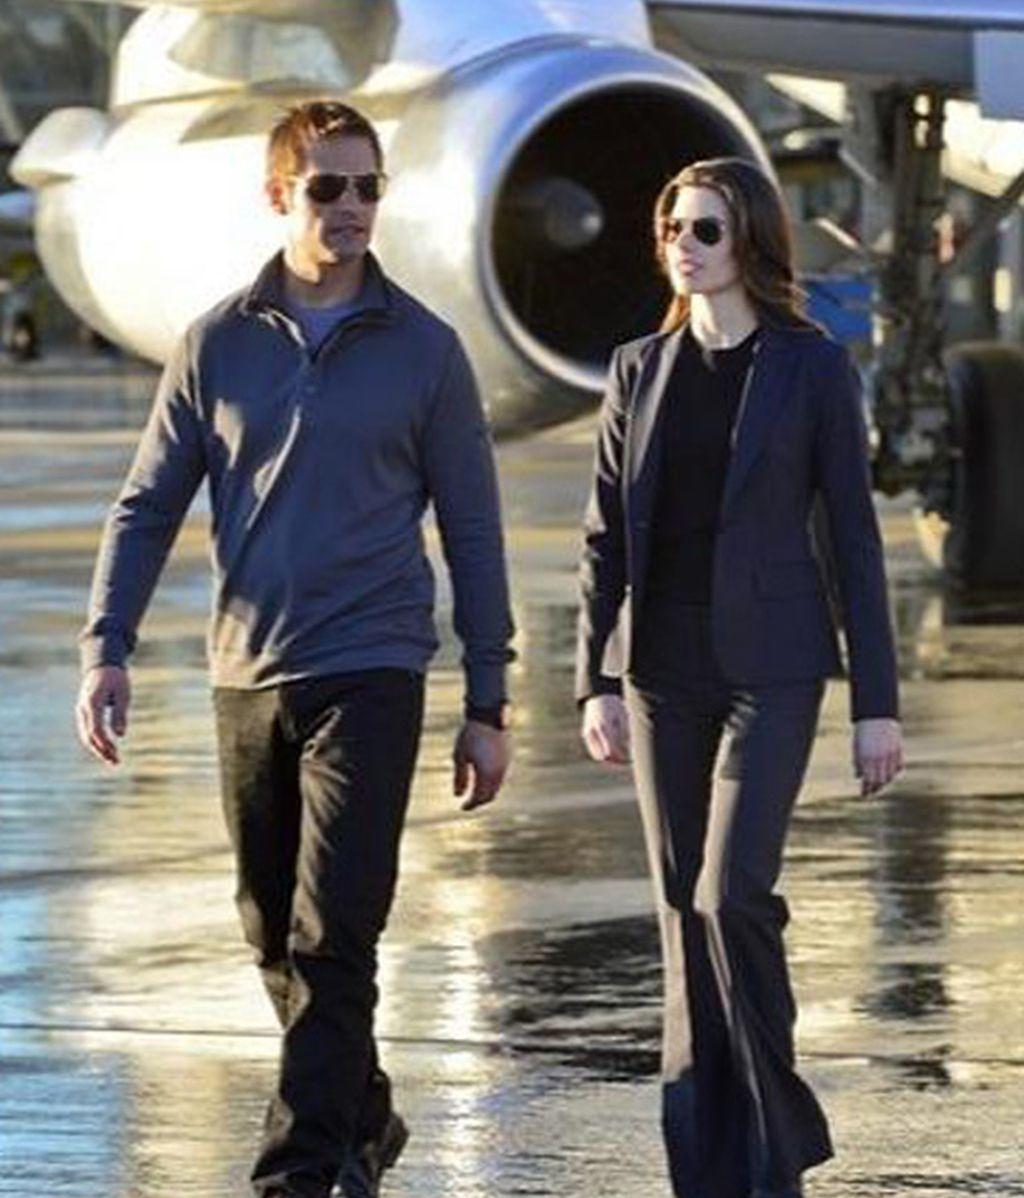 Más de 16 millones de espectadores en su estreno en Estados Unidos, cinco días antes de su llegada a España en VOS